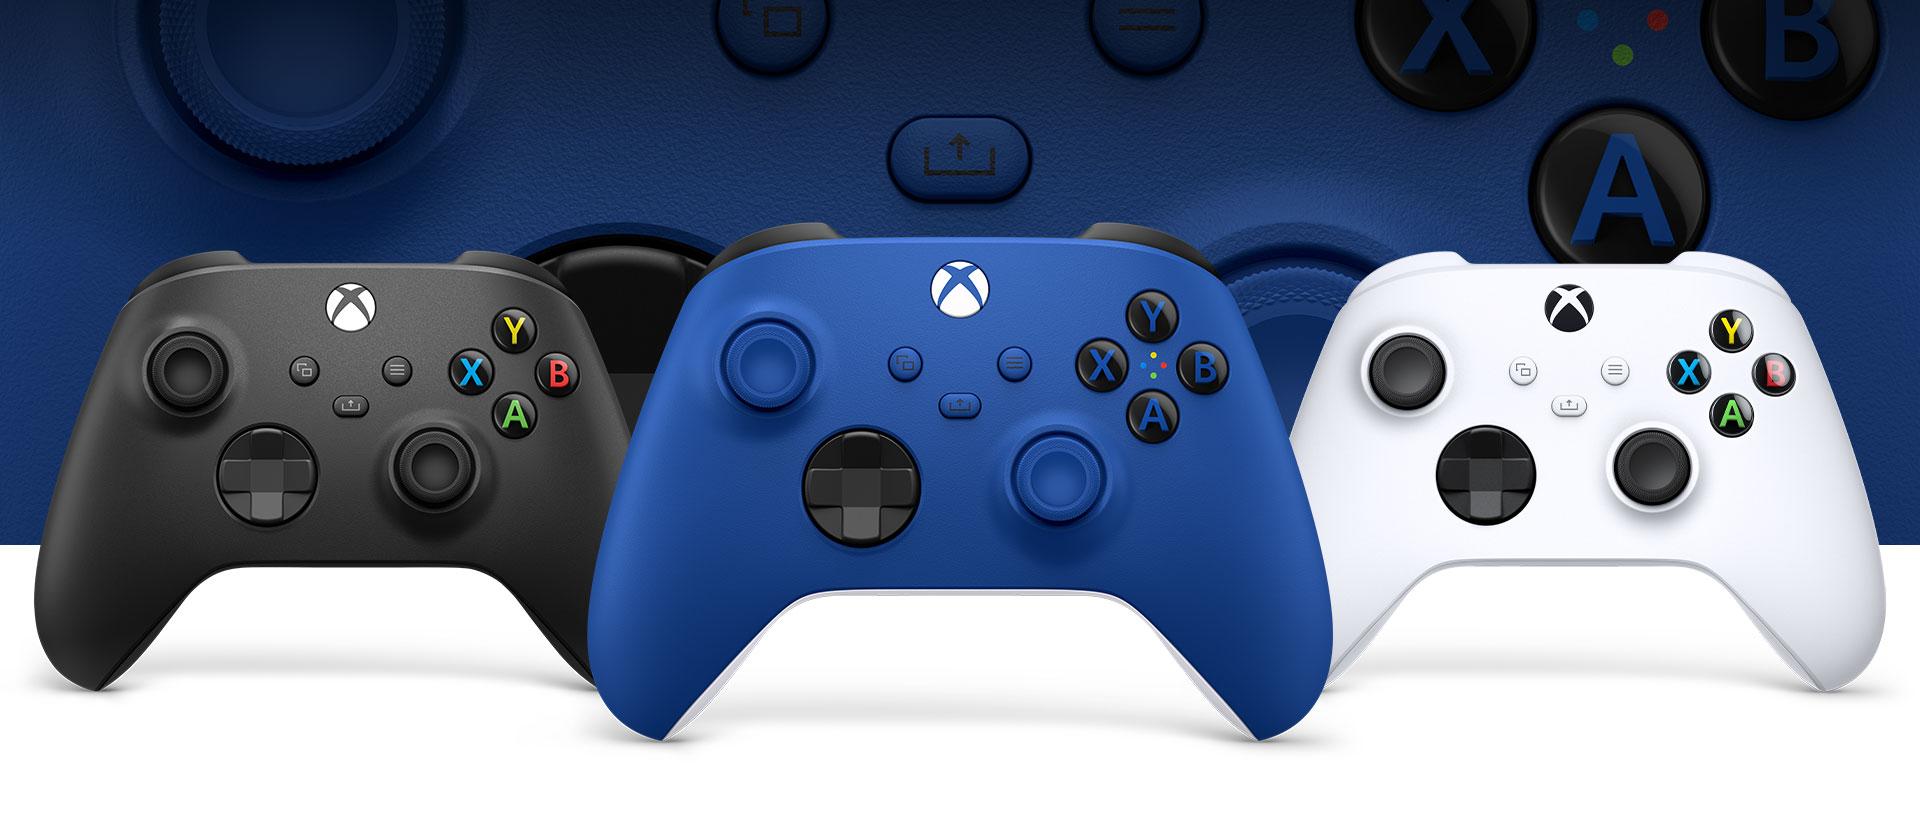 Xbox手柄漂移诉讼原告要求阻止微软的撤诉请求